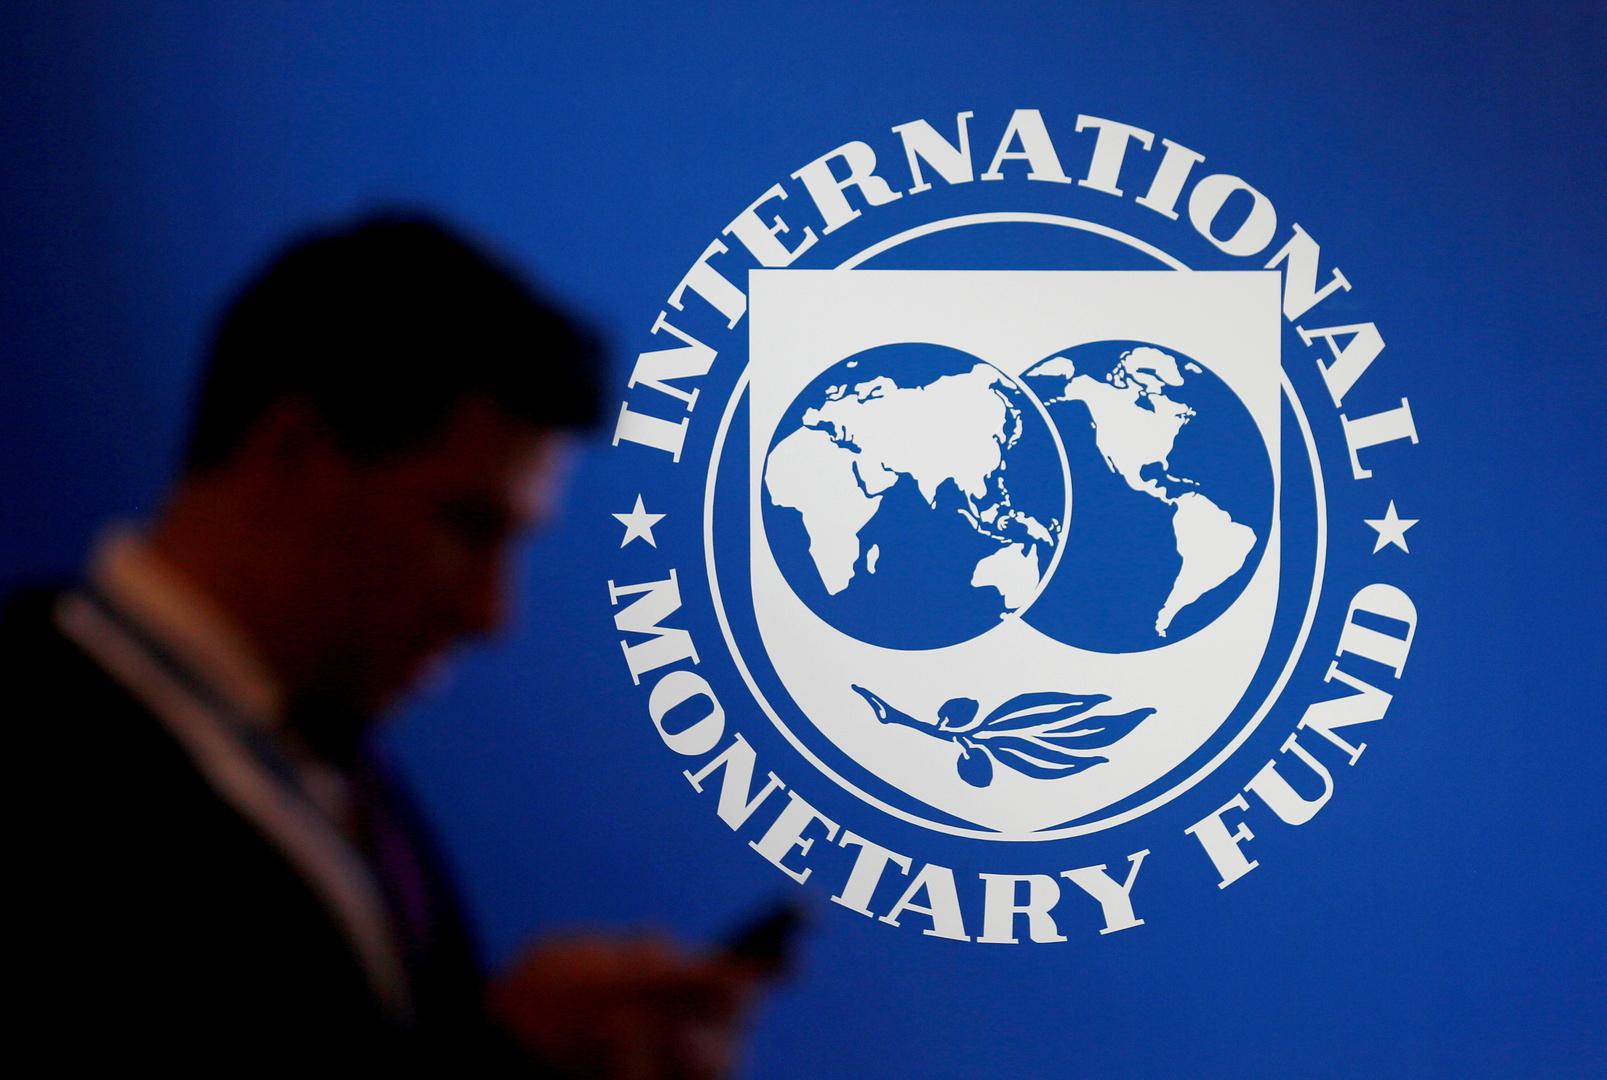 صندوق النقد الدولي يتوقع نمو الاقتصاد العالمي بـ 6%